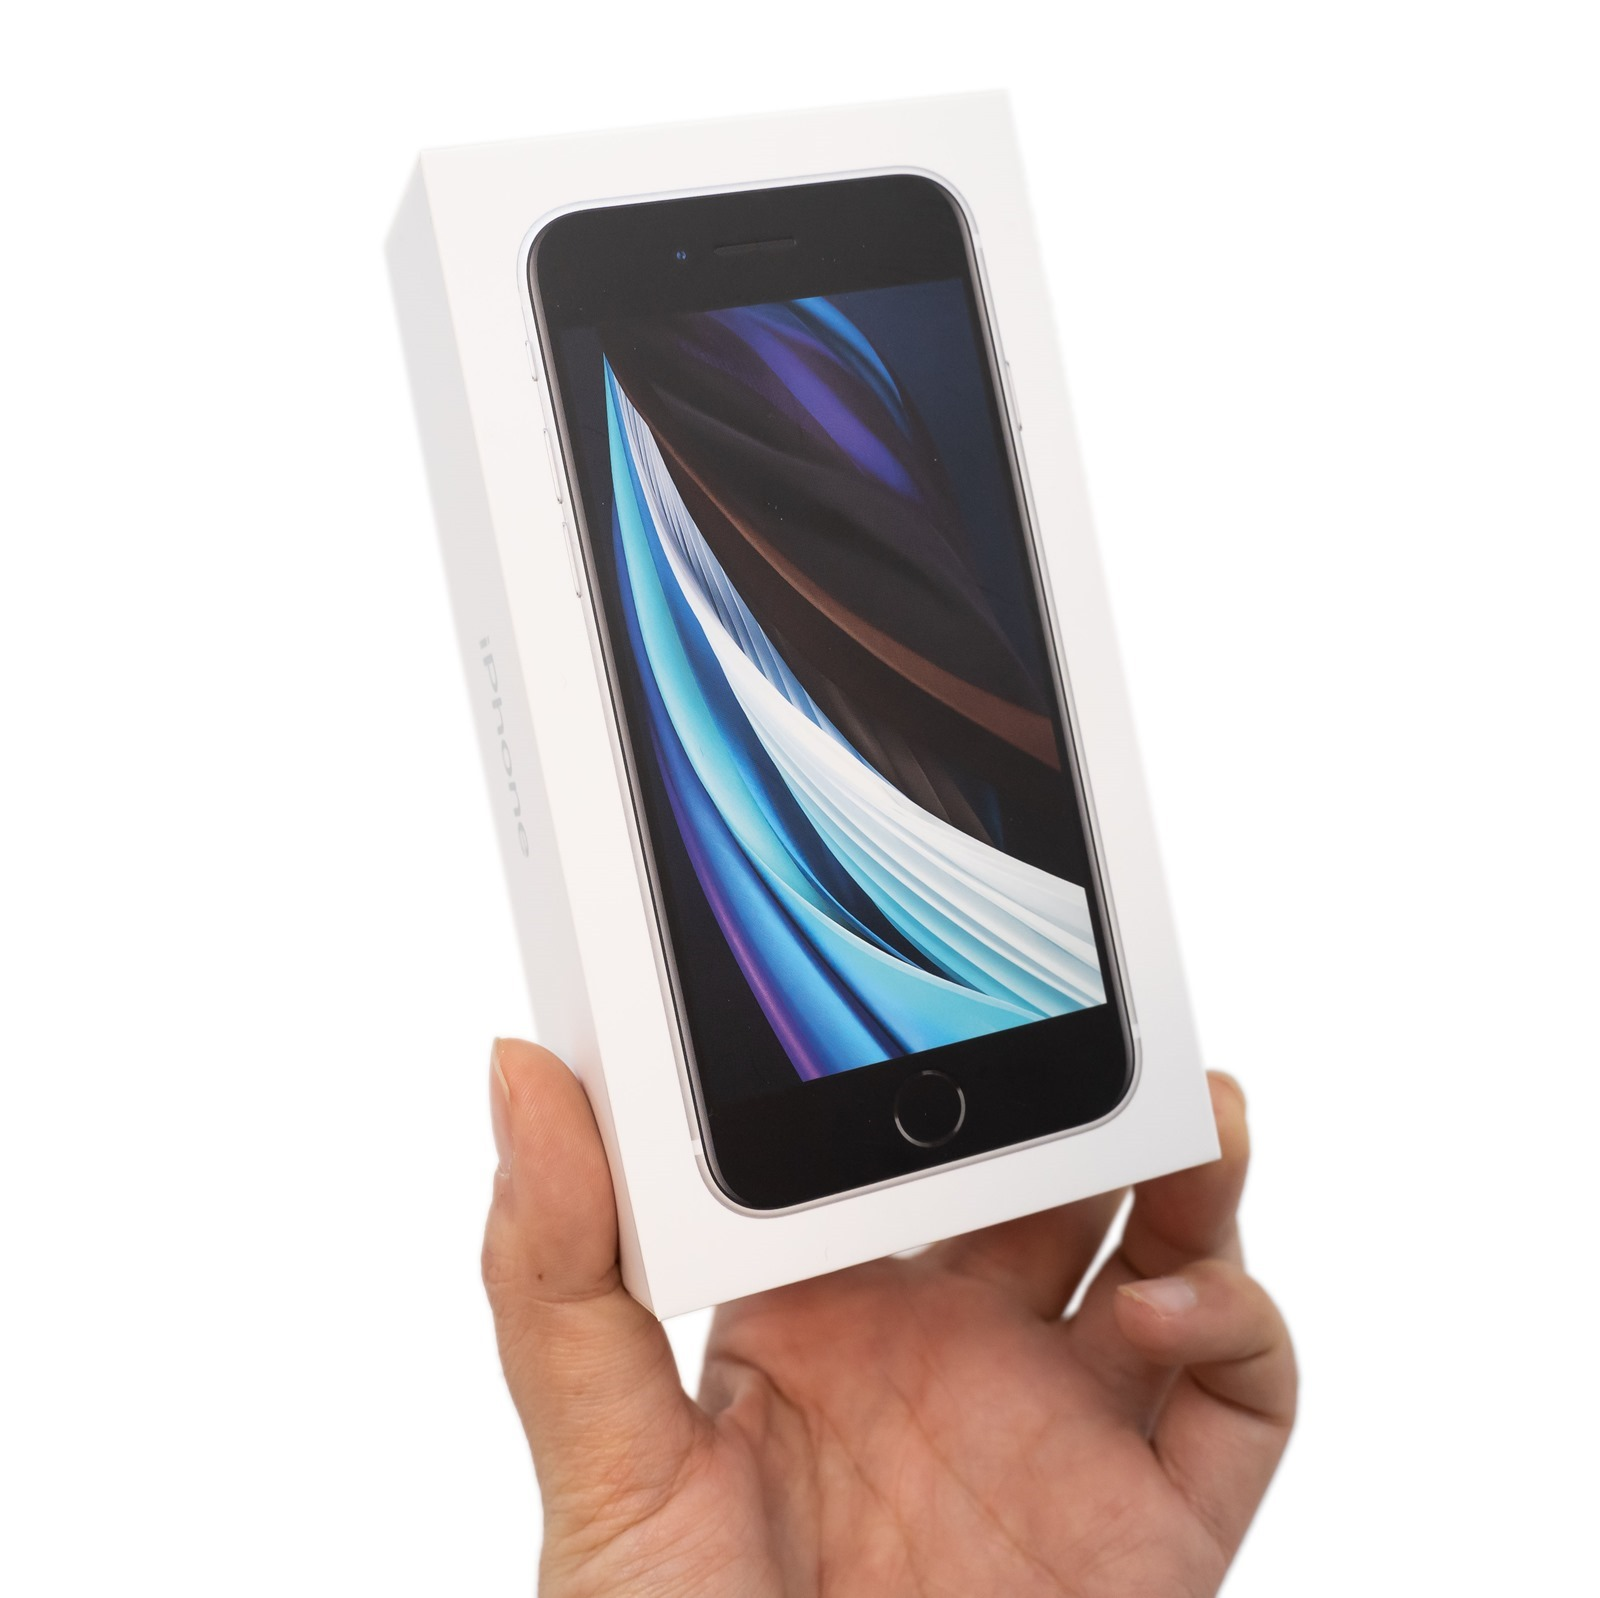 台版 iPhone SE 2 開箱 (白色款),看看盒中有什麼?( iPhone SE 2 (2020) unboxing) @3C 達人廖阿輝